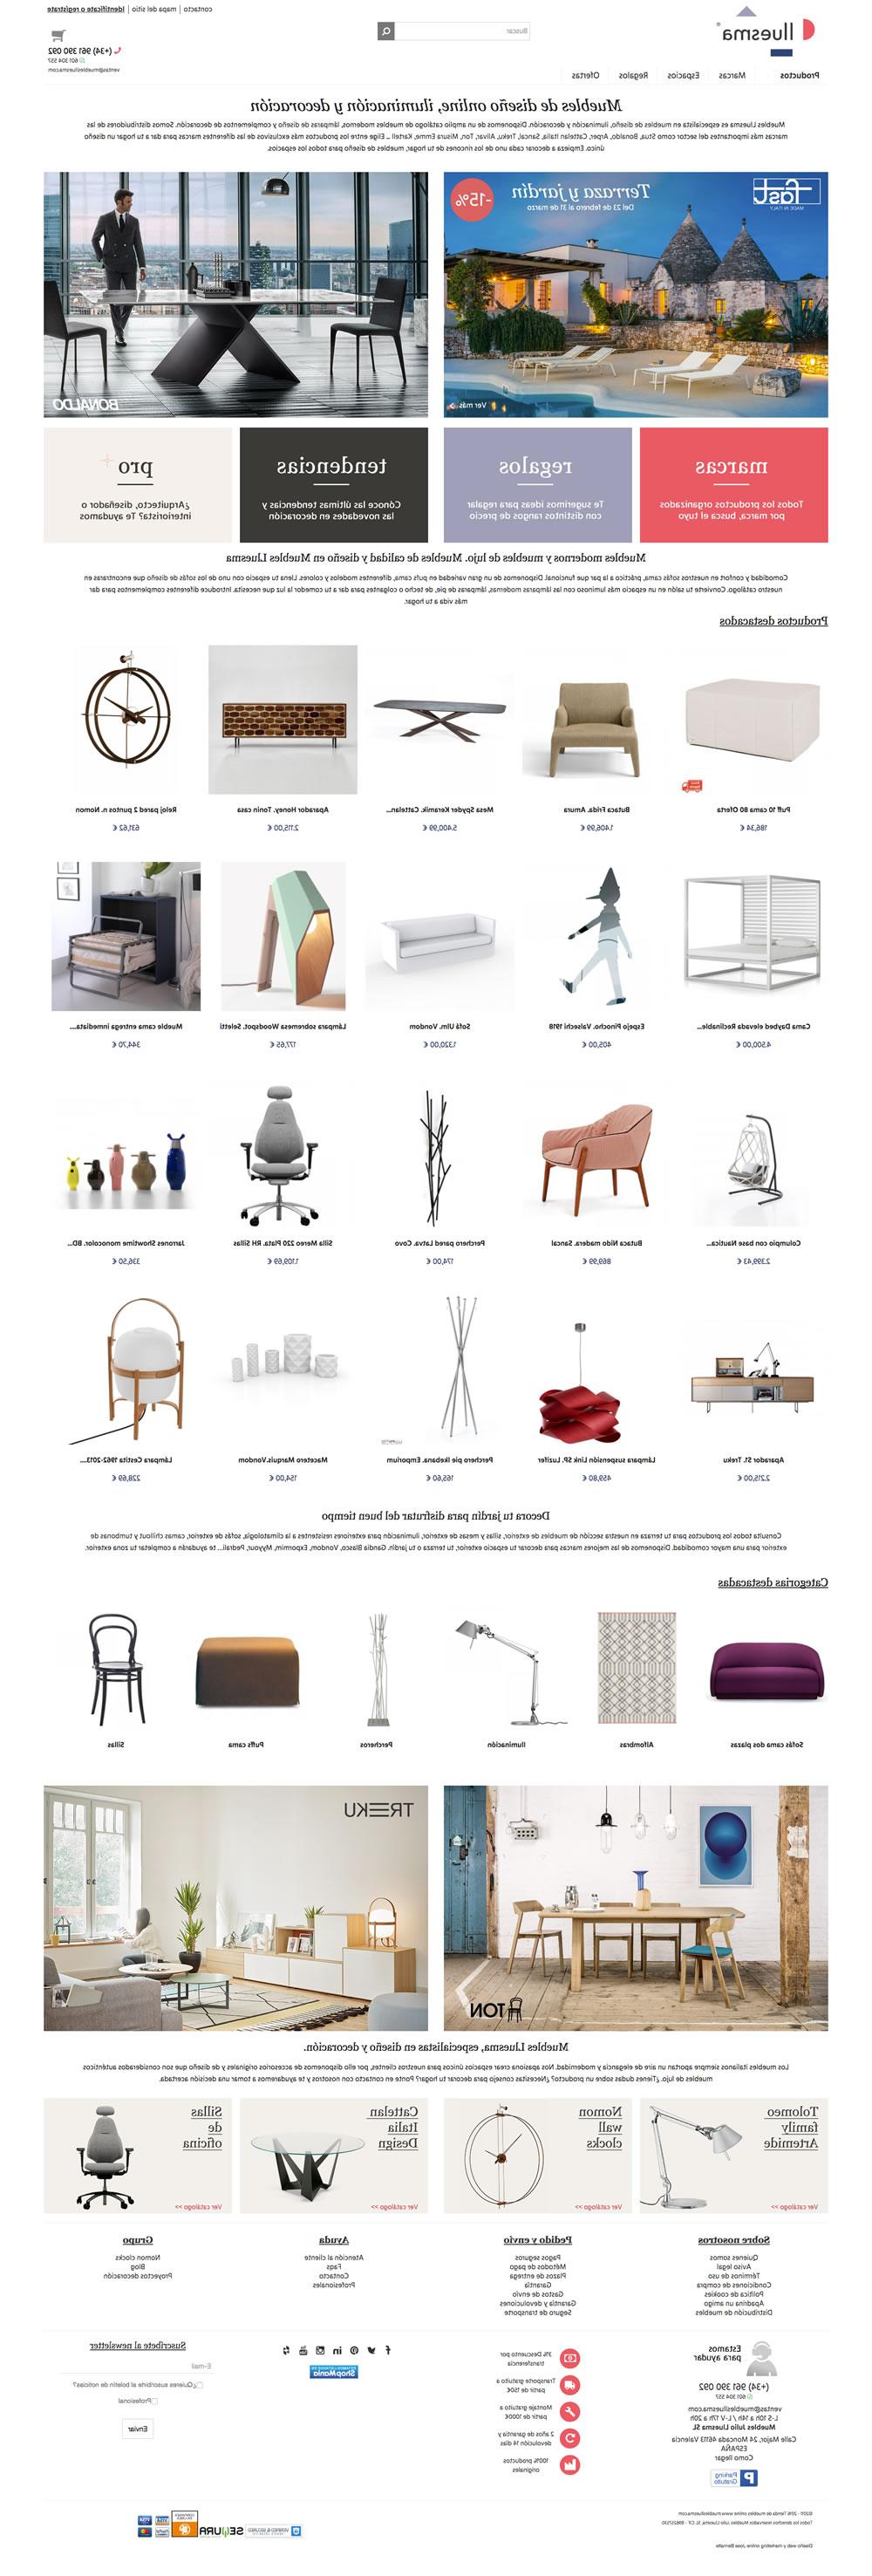 Tienda Online Muebles O2d5 Diseà O Web Desarrollo Tienda Online Muebles Lluesma Jose Bernalte